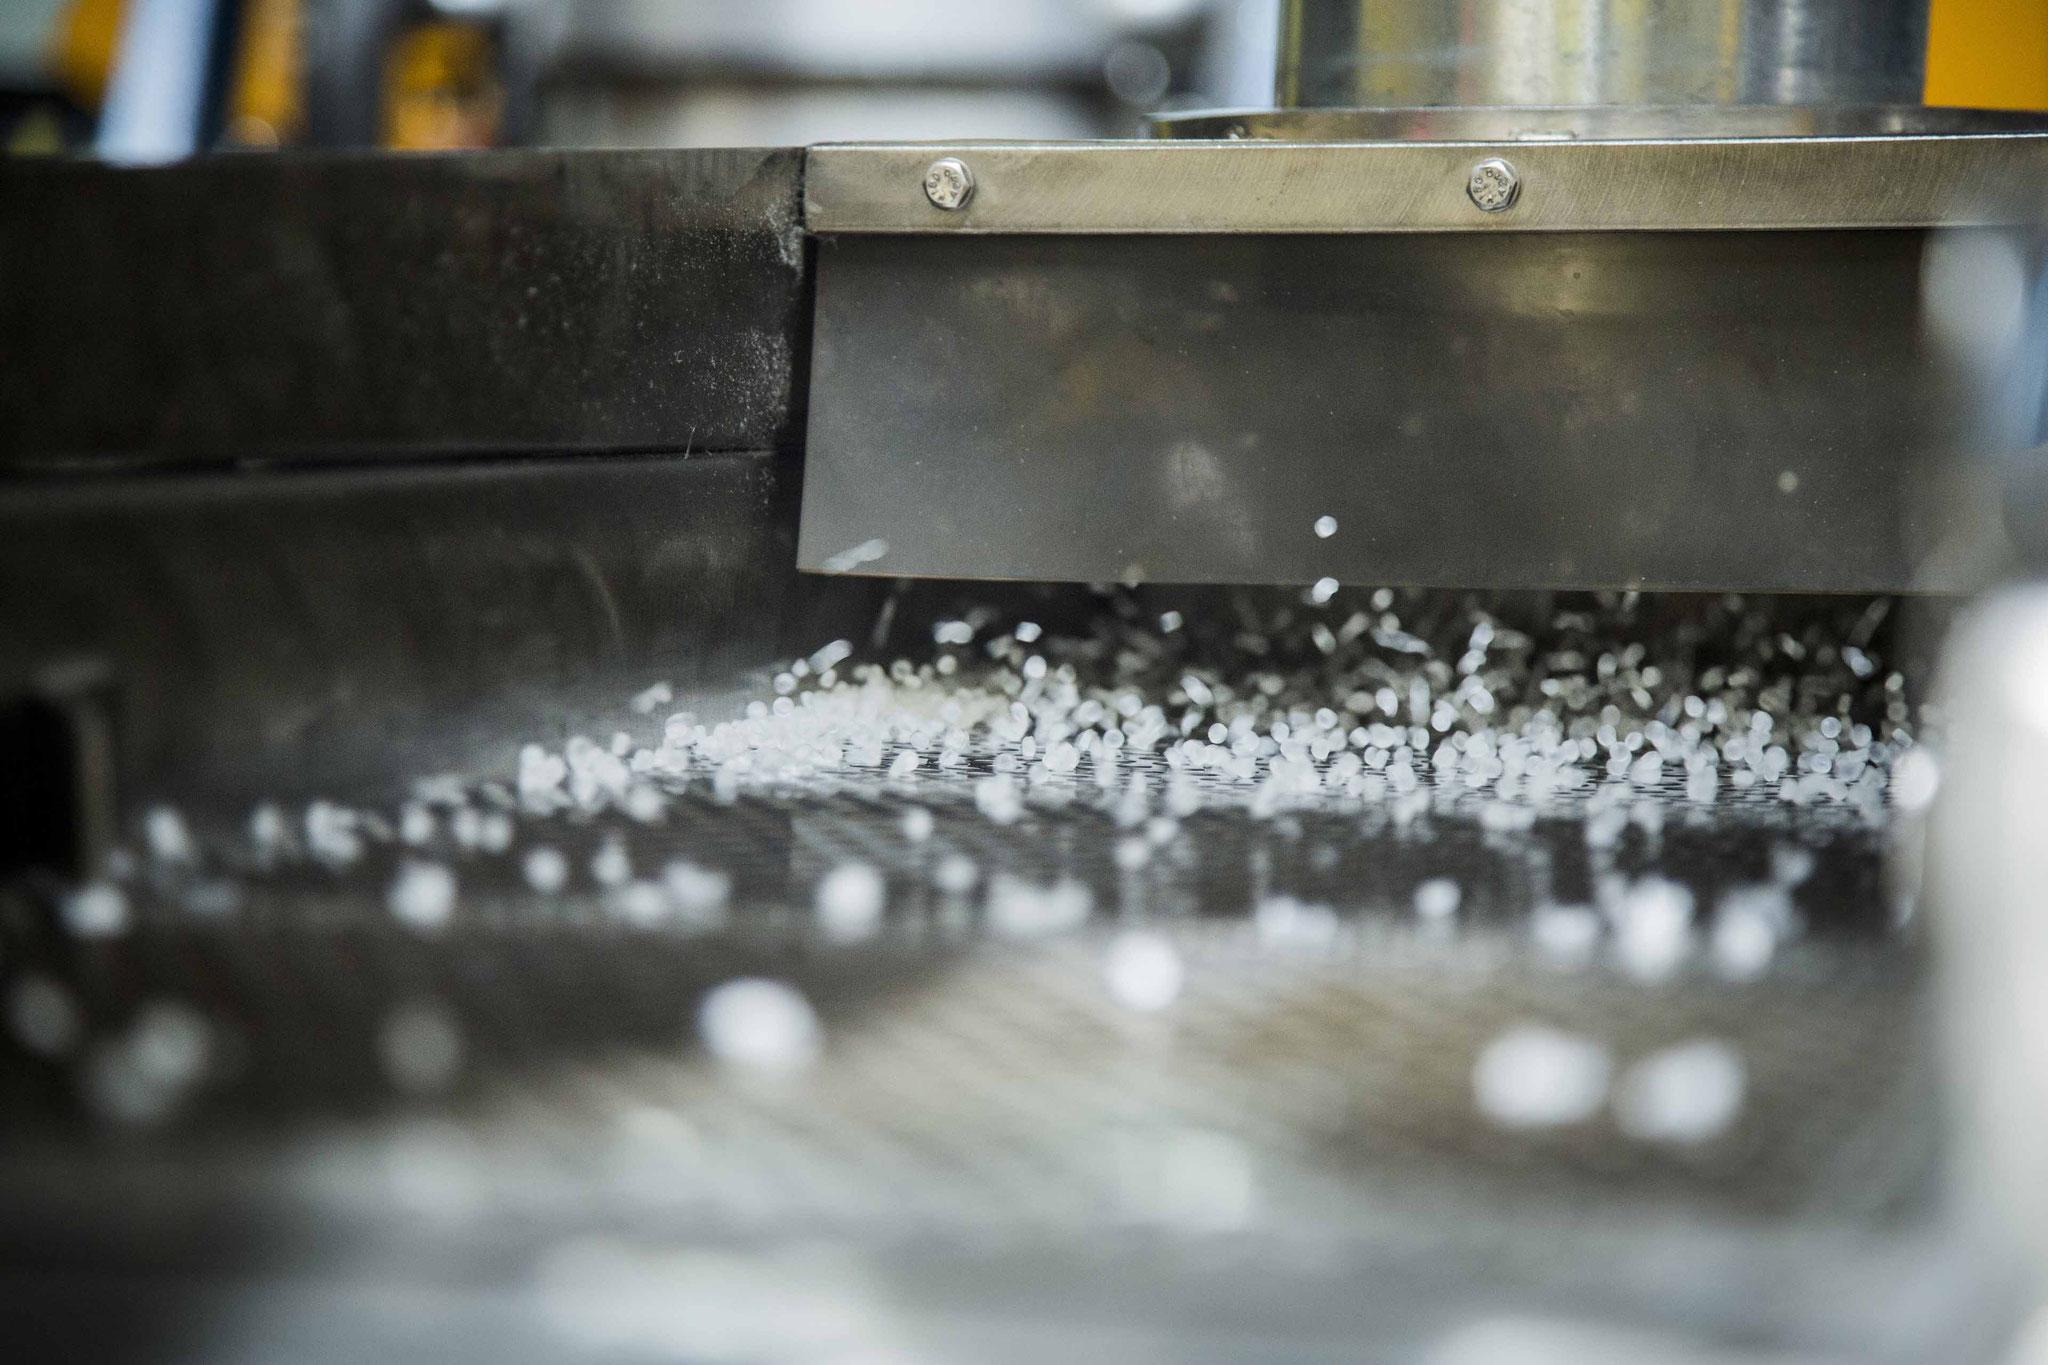 Nach der Verarbeitung wird neues Granulat gewonnen, welches erneut genutzt werden kann.